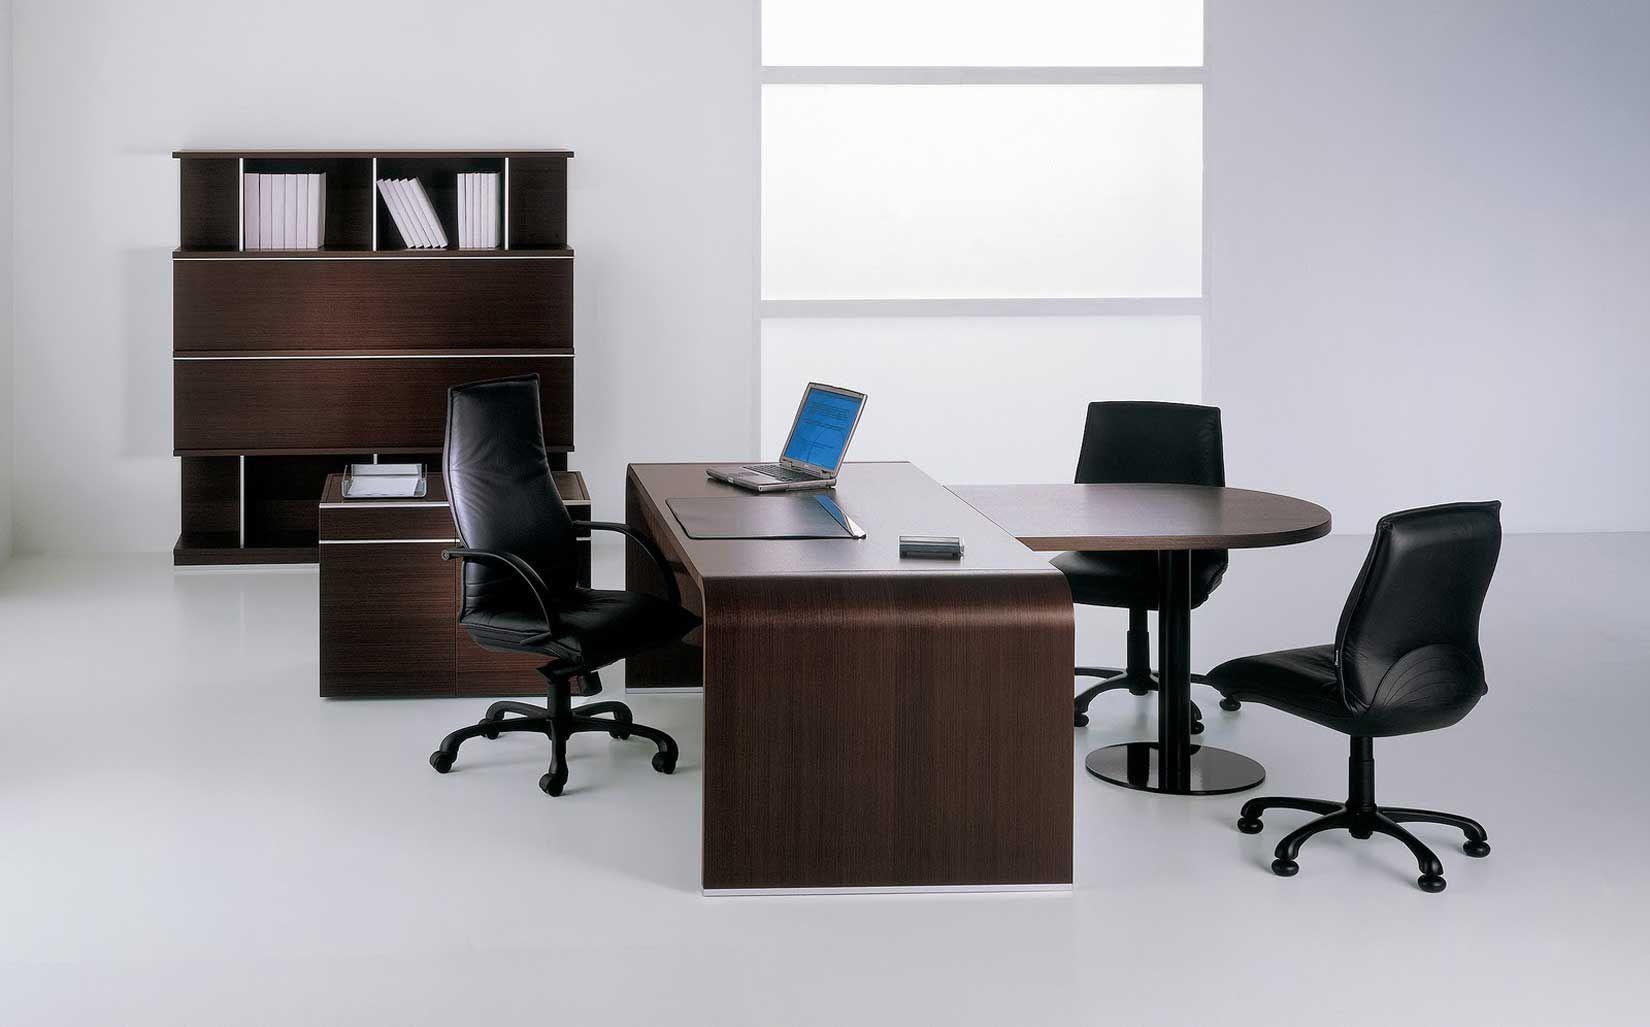 Fabulous Wooden Floor Tile Design Plus Workspace With Partition